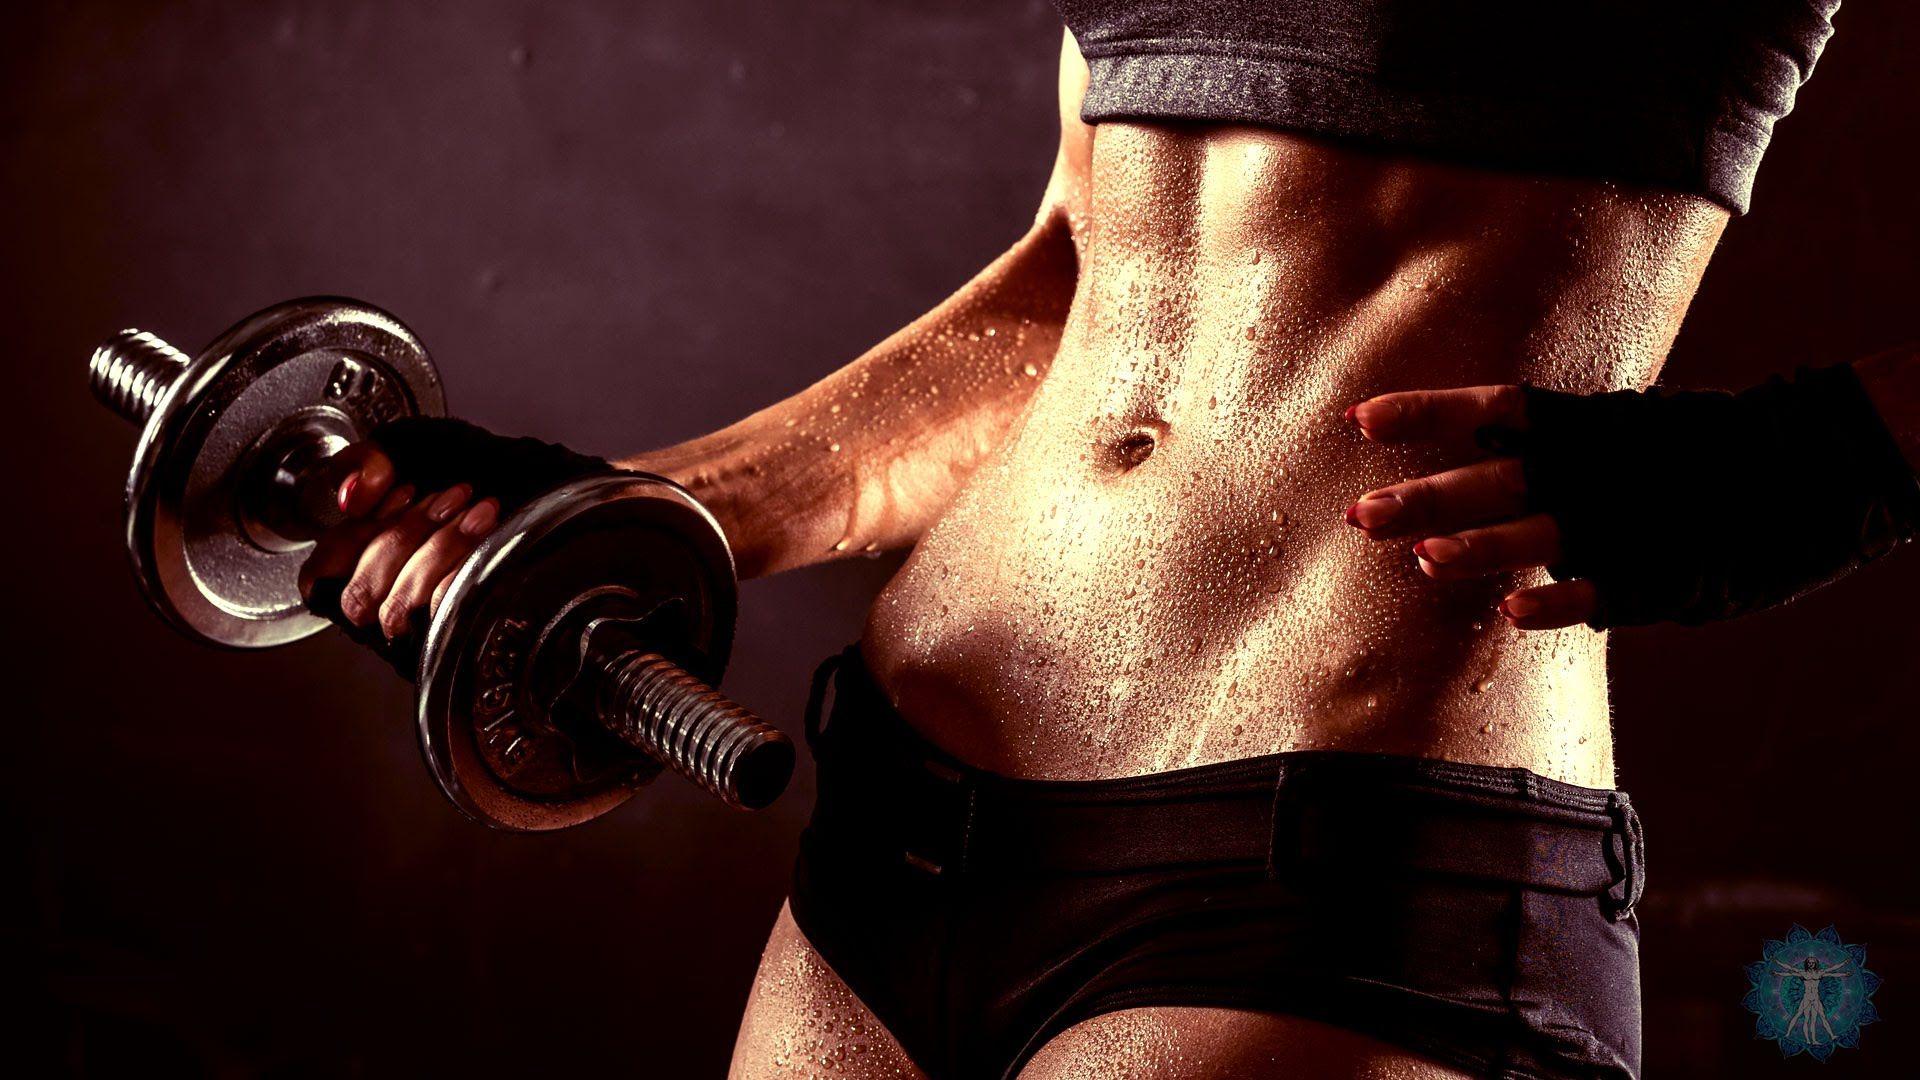 Workout Motivation wallpaper